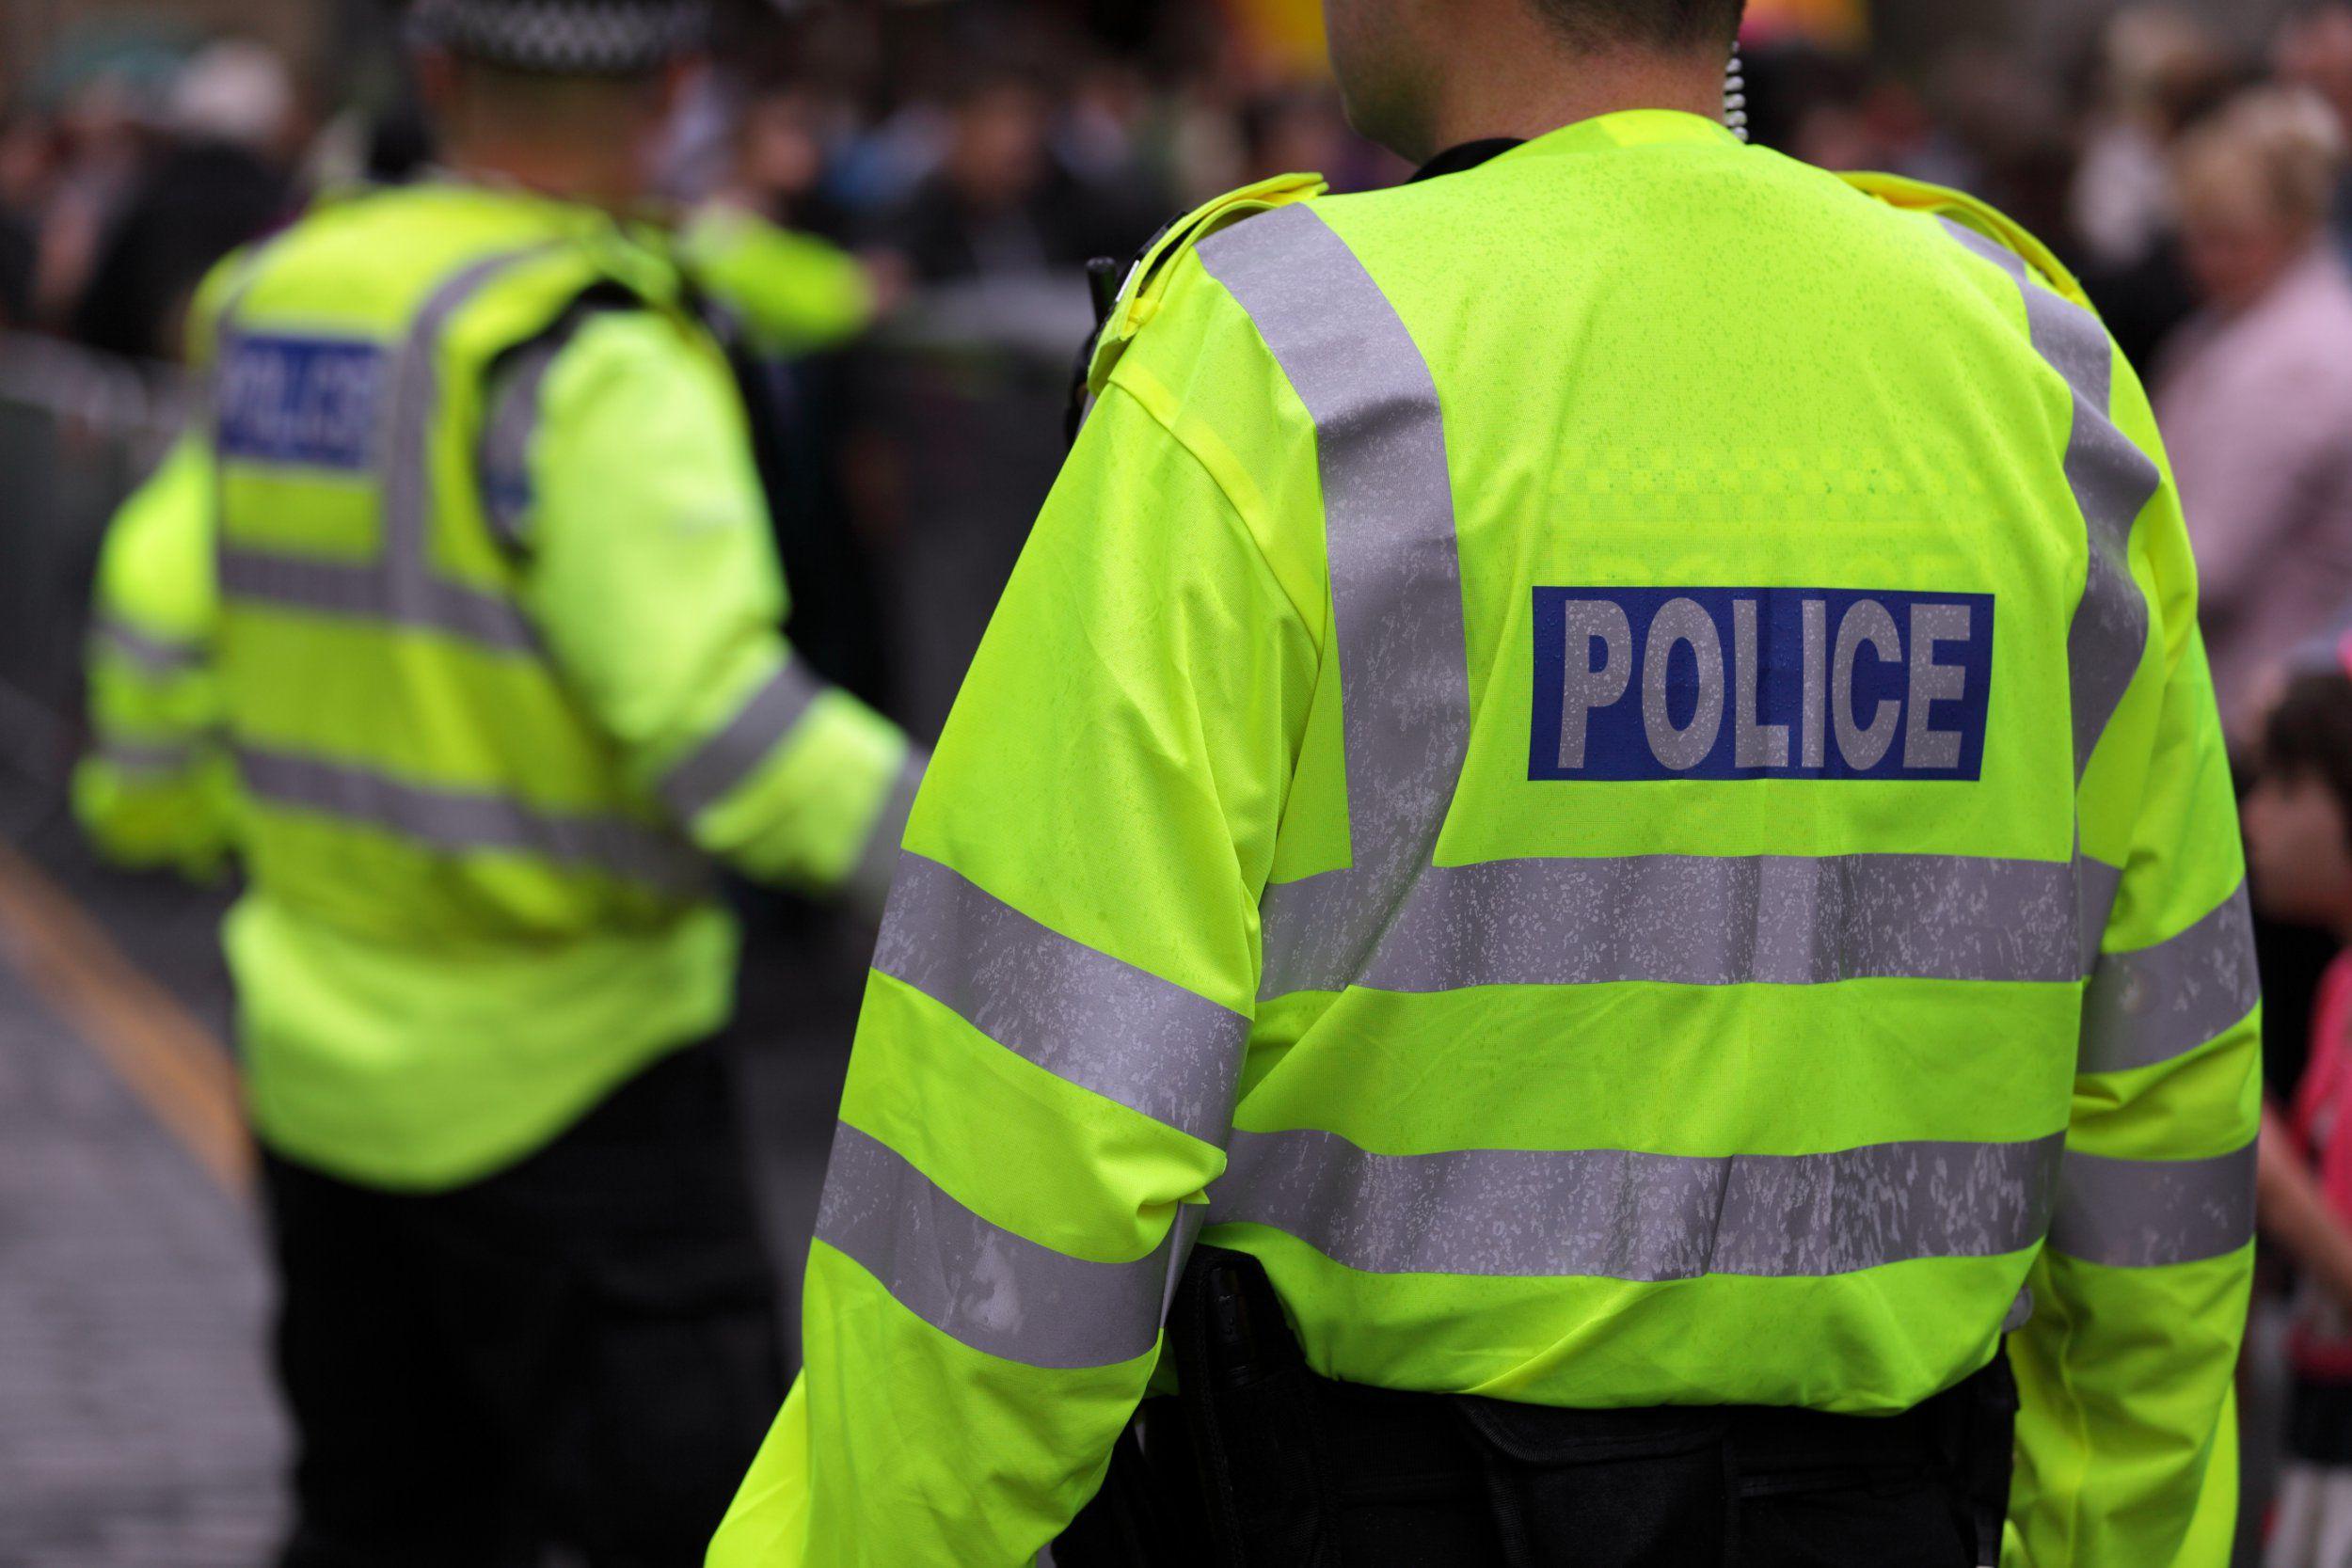 دستگیری 6 نفر در رابطه با حمله نژاد پرستانه به چند پناهجوی کورد در لندن